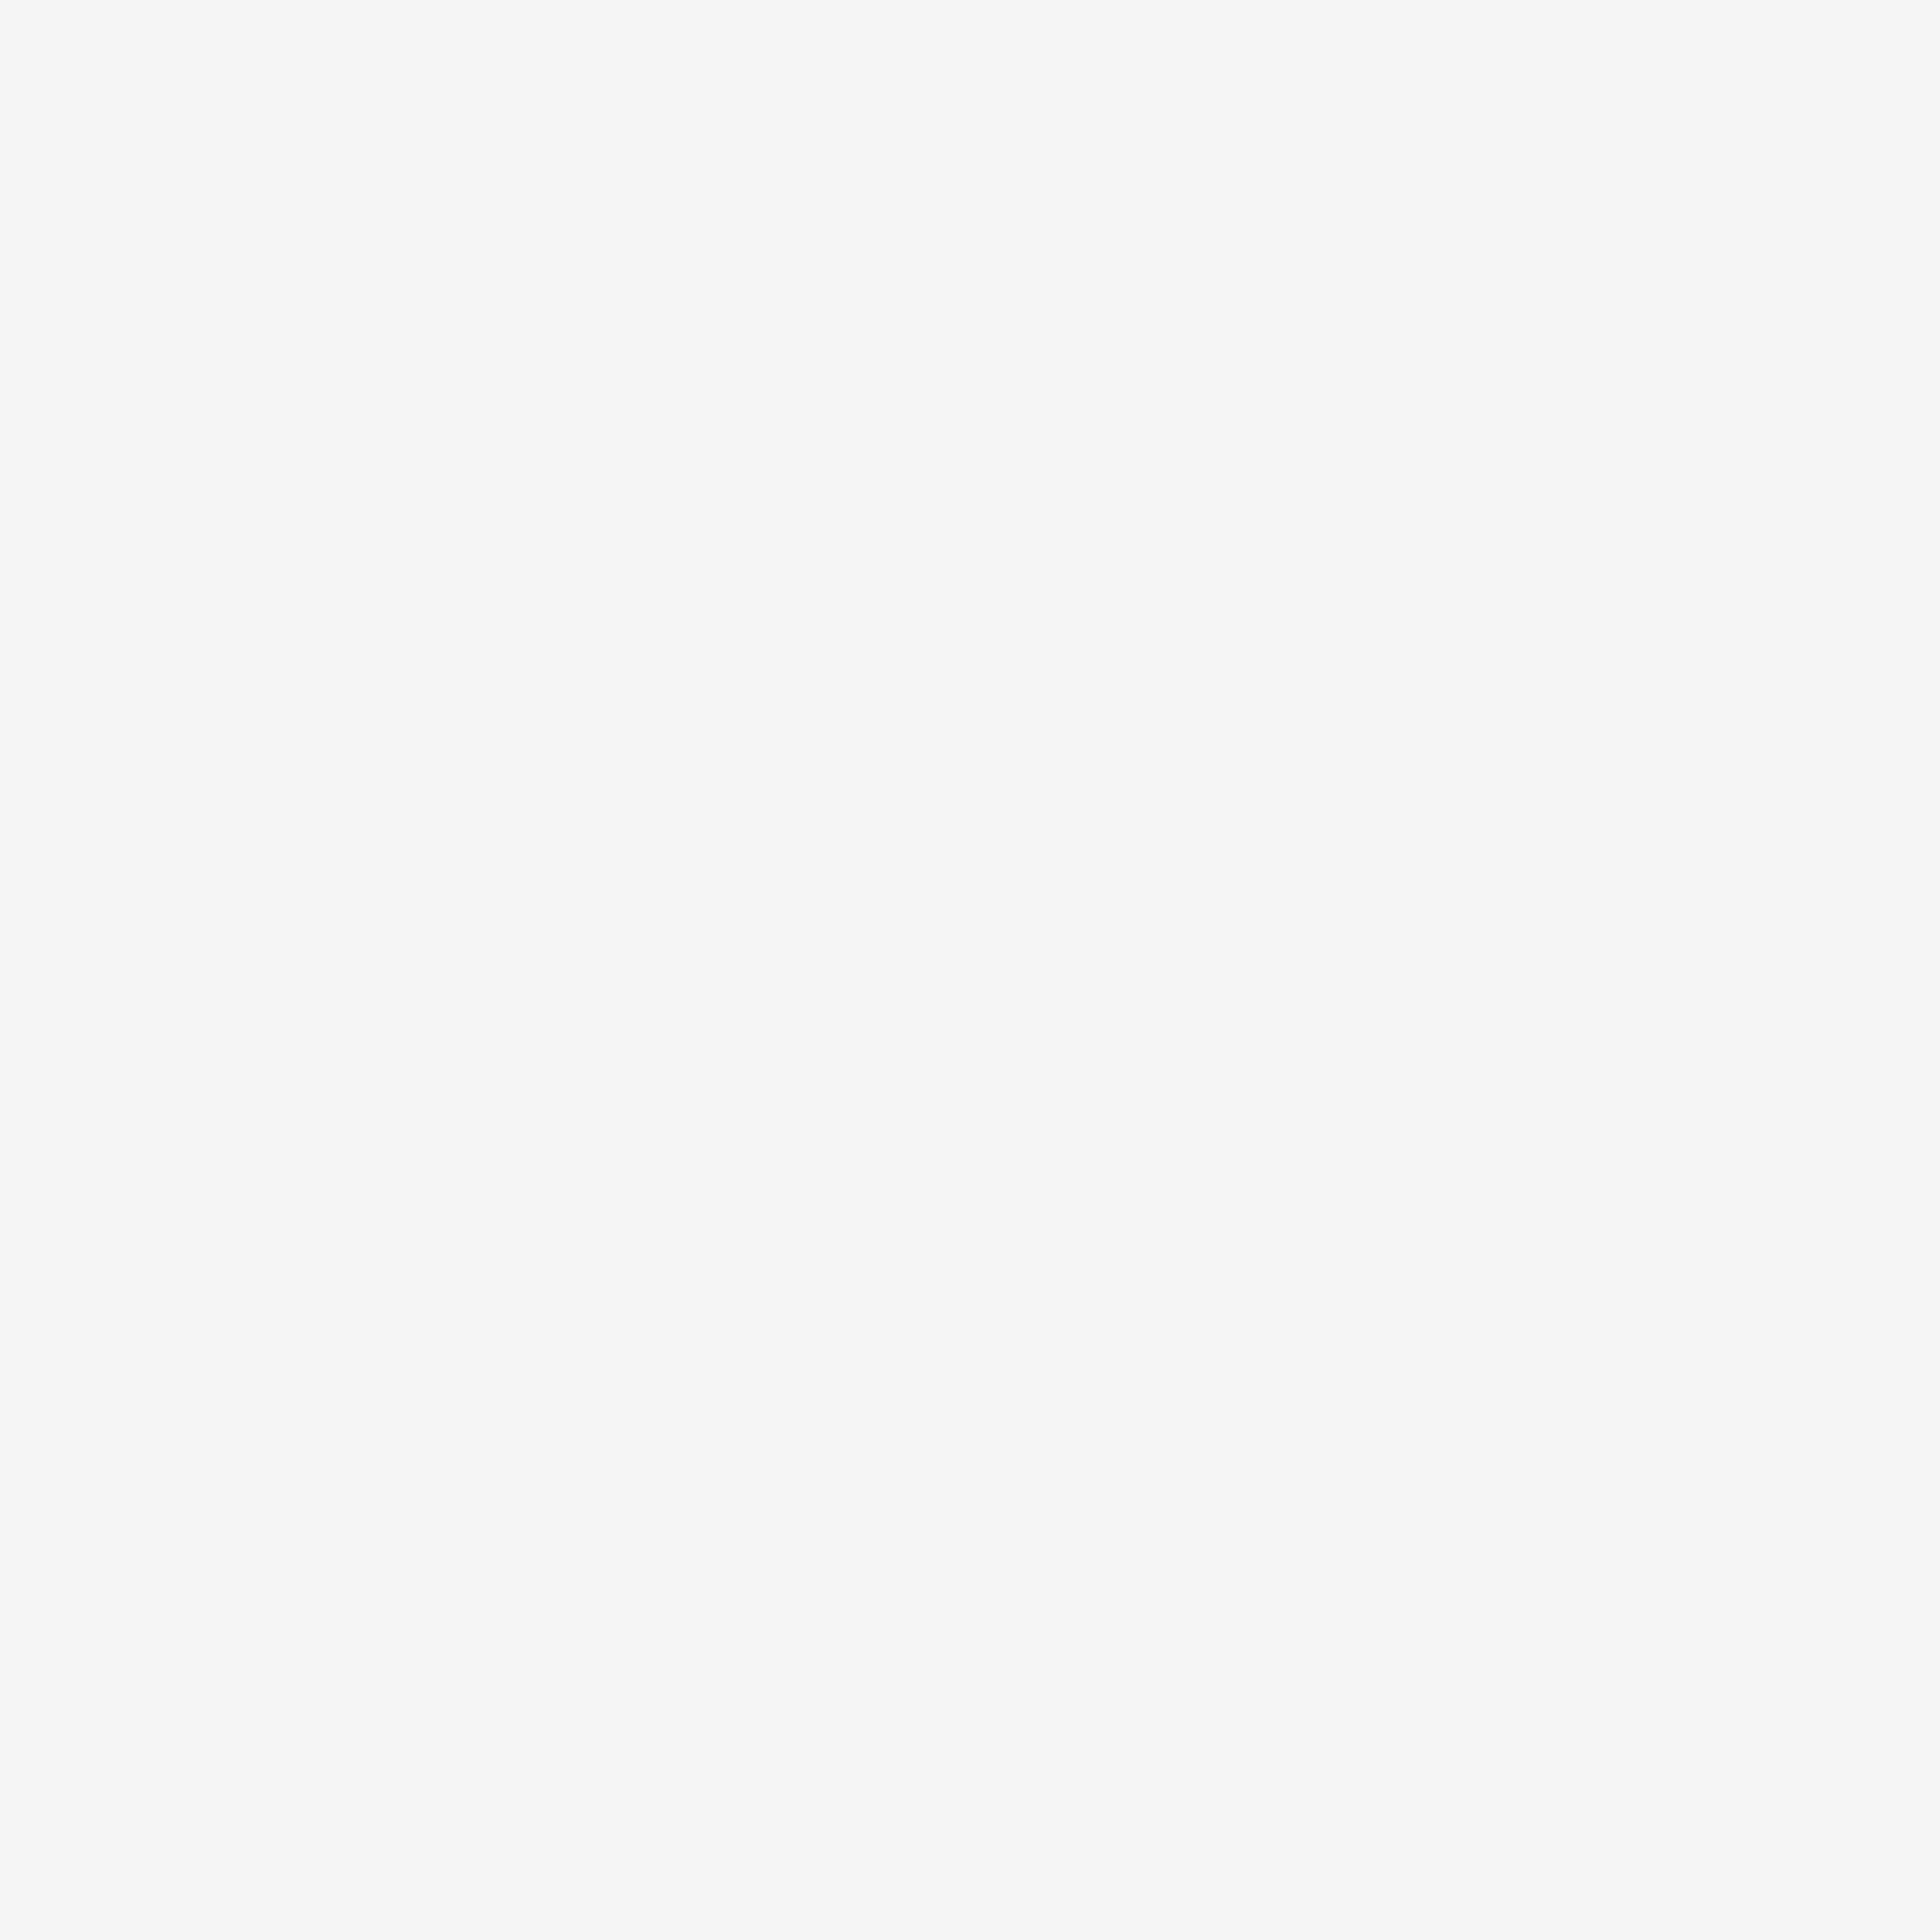 Floris Bommel 14067 De Chaussures À Lacets H Bleu Foncé PsLutN